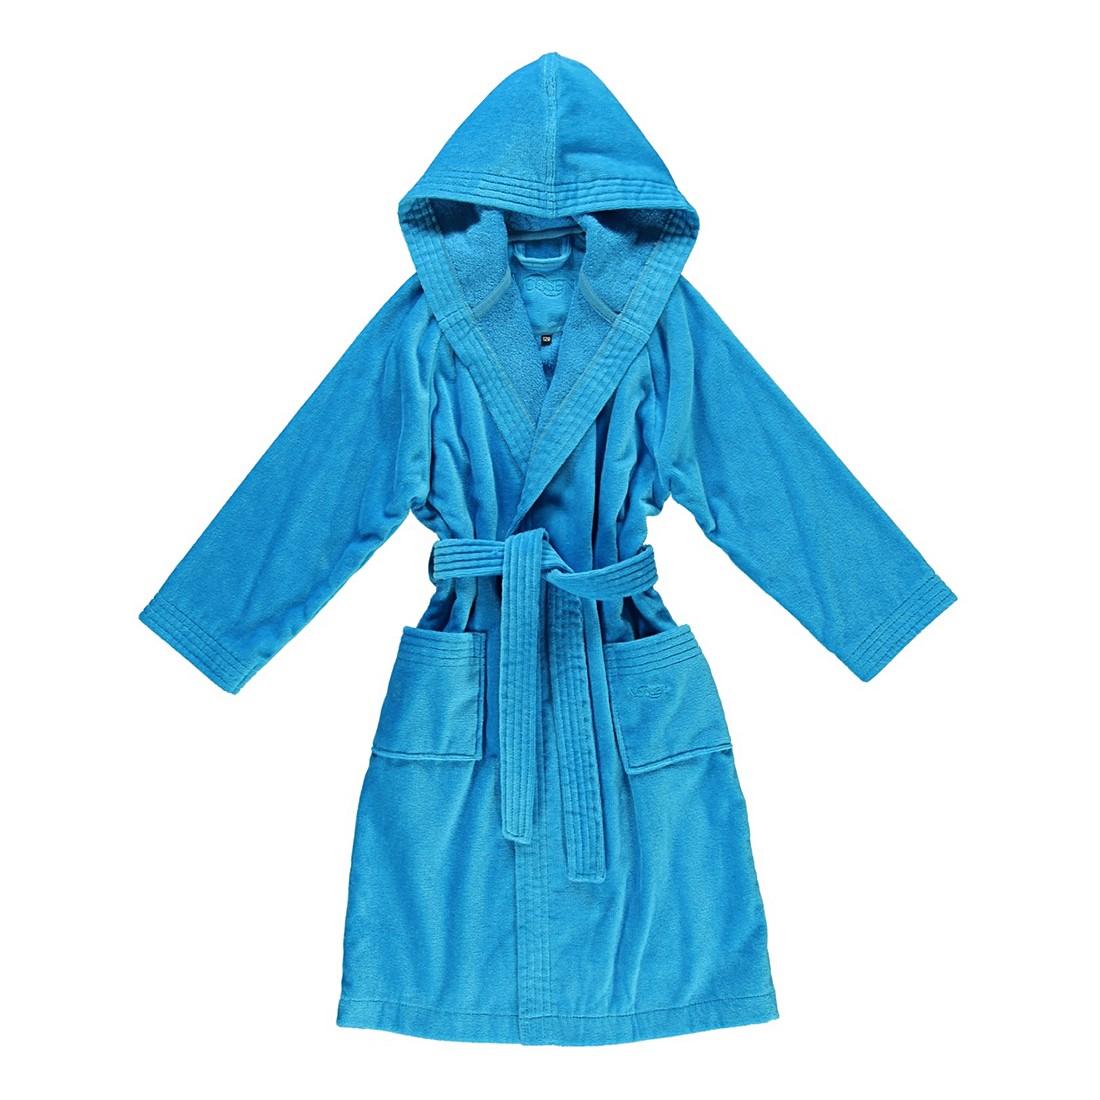 Kinderbademantel Texie – Kinder – Velours – 100% Baumwolle turquoise – 557 – Größe: 128, Vossen günstig kaufen